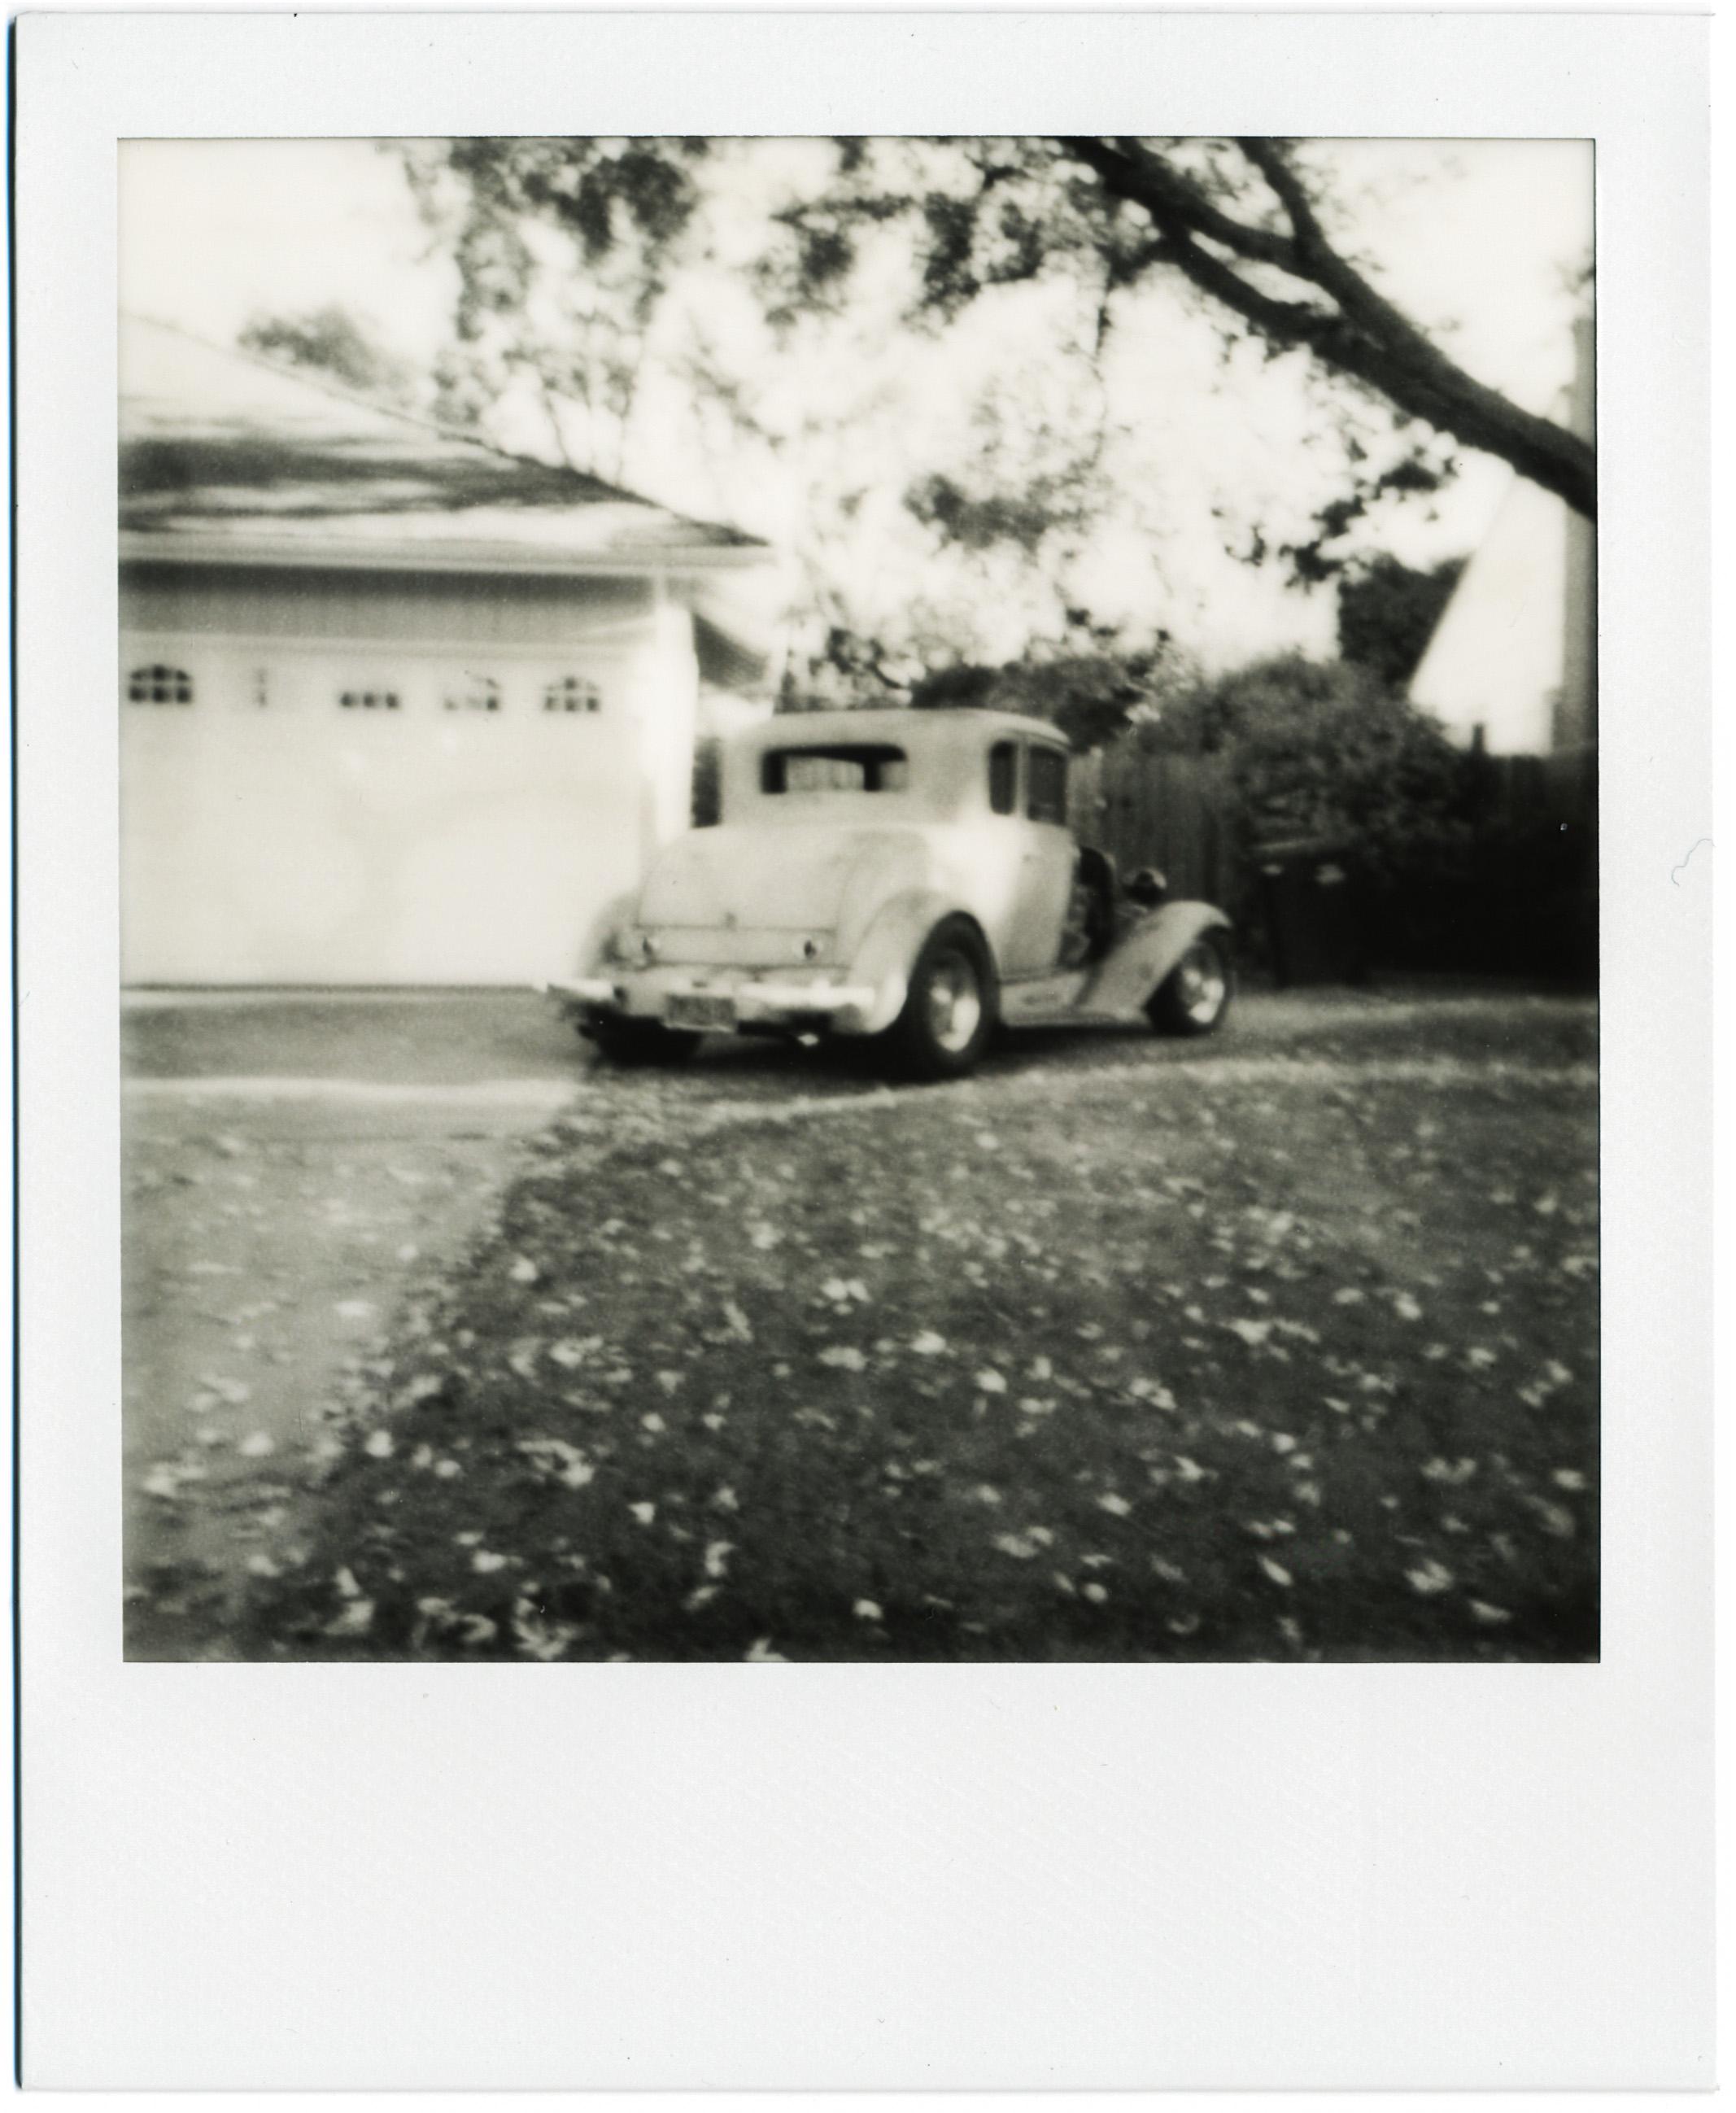 Hình Ảnh : Đen Và Trắng, Nhiếp Ảnh, Ngoại Ô, Ford, Phác Hoạ, Bản Vẽ, Ảnh  Chụp, Khung Tranh, Coupe, Tức Thời, Người Mẫu, Sacramento, 5 Cửa Sổ,  Silvershade, ...